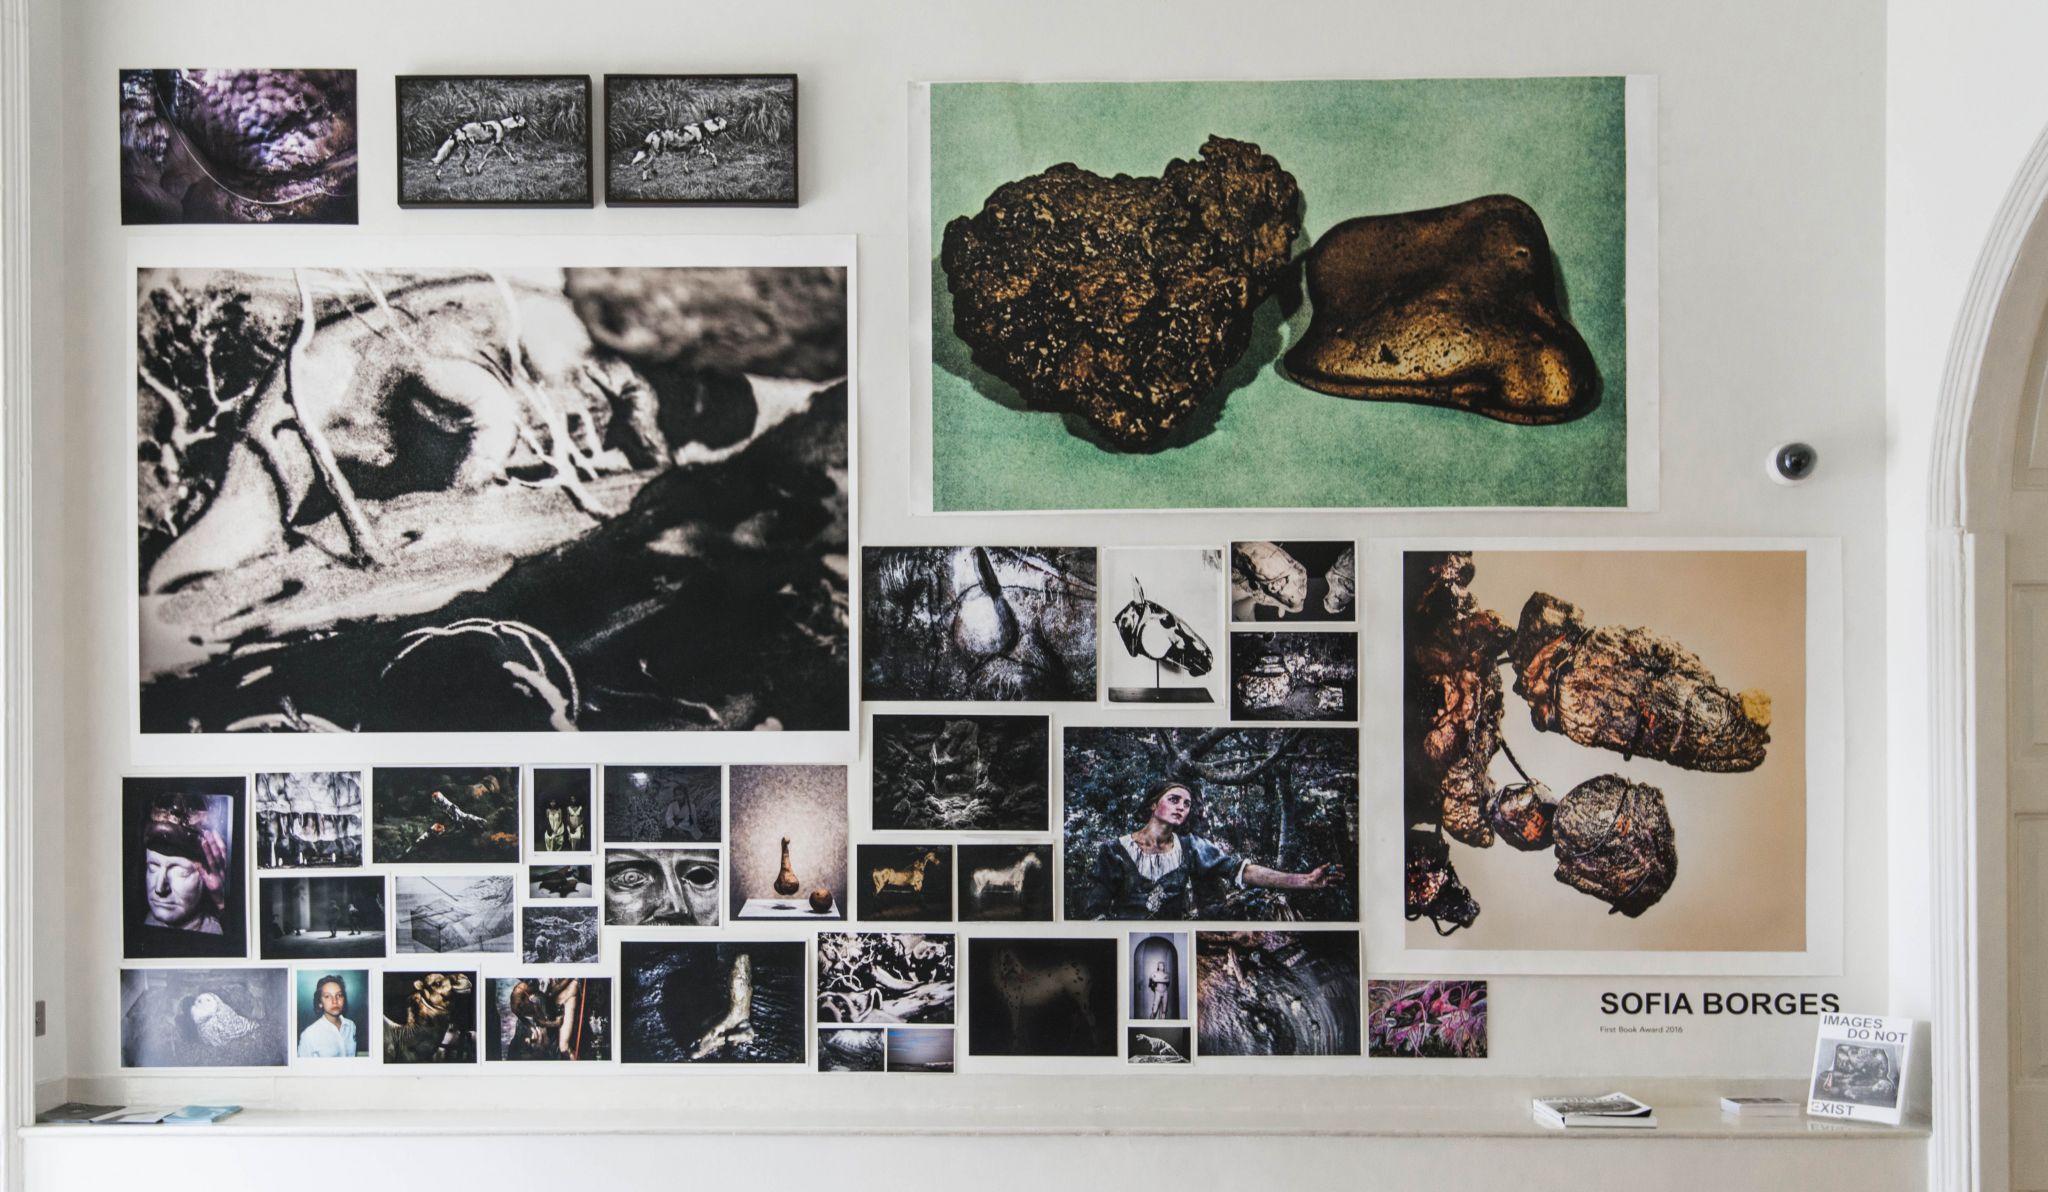 A exposição do trabalho de Sofia Borges na Feira de Fotografia de Londres.